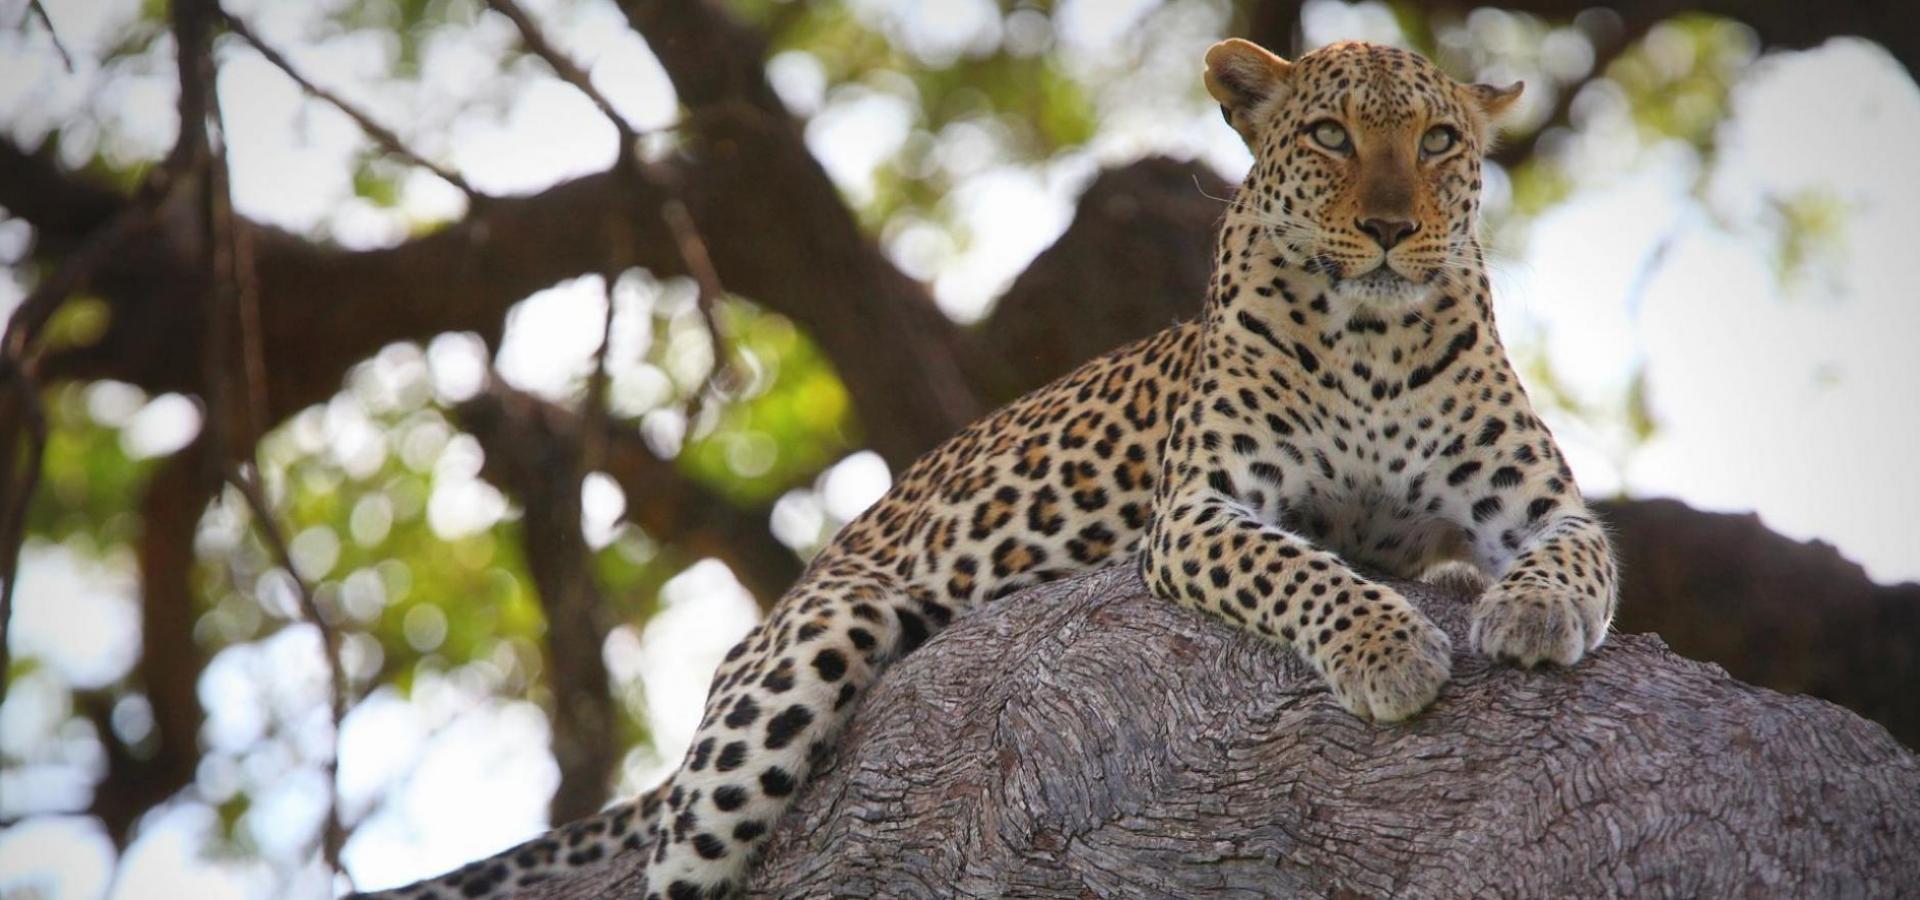 Afrika Safaris - Leoparden und andere wilde faszinierende Tiere auf einer Safari entdecken